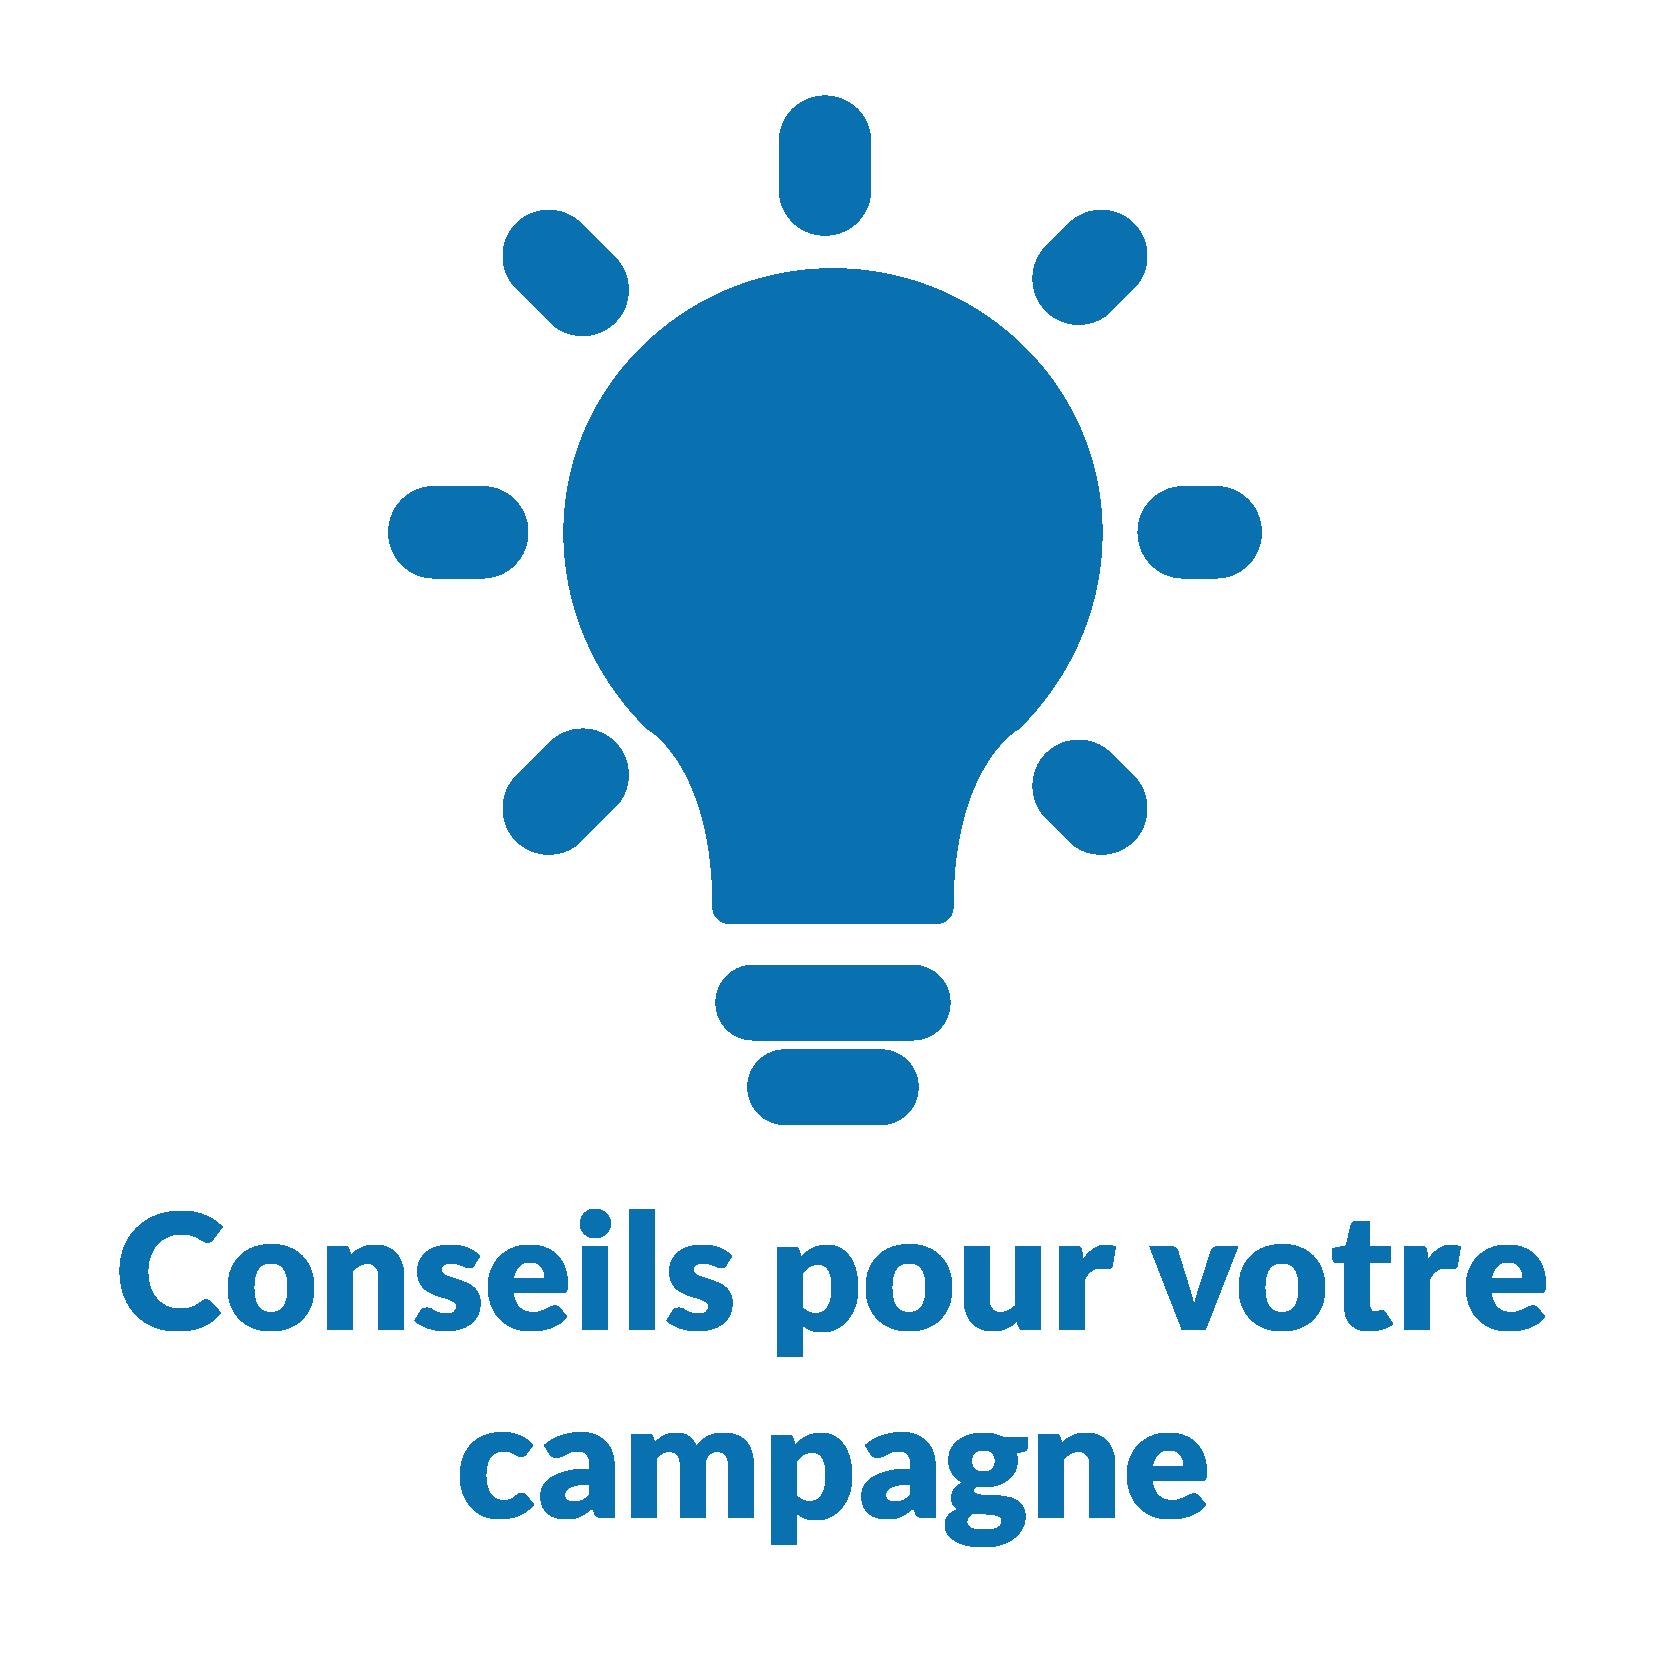 Conseils pour votre campagne